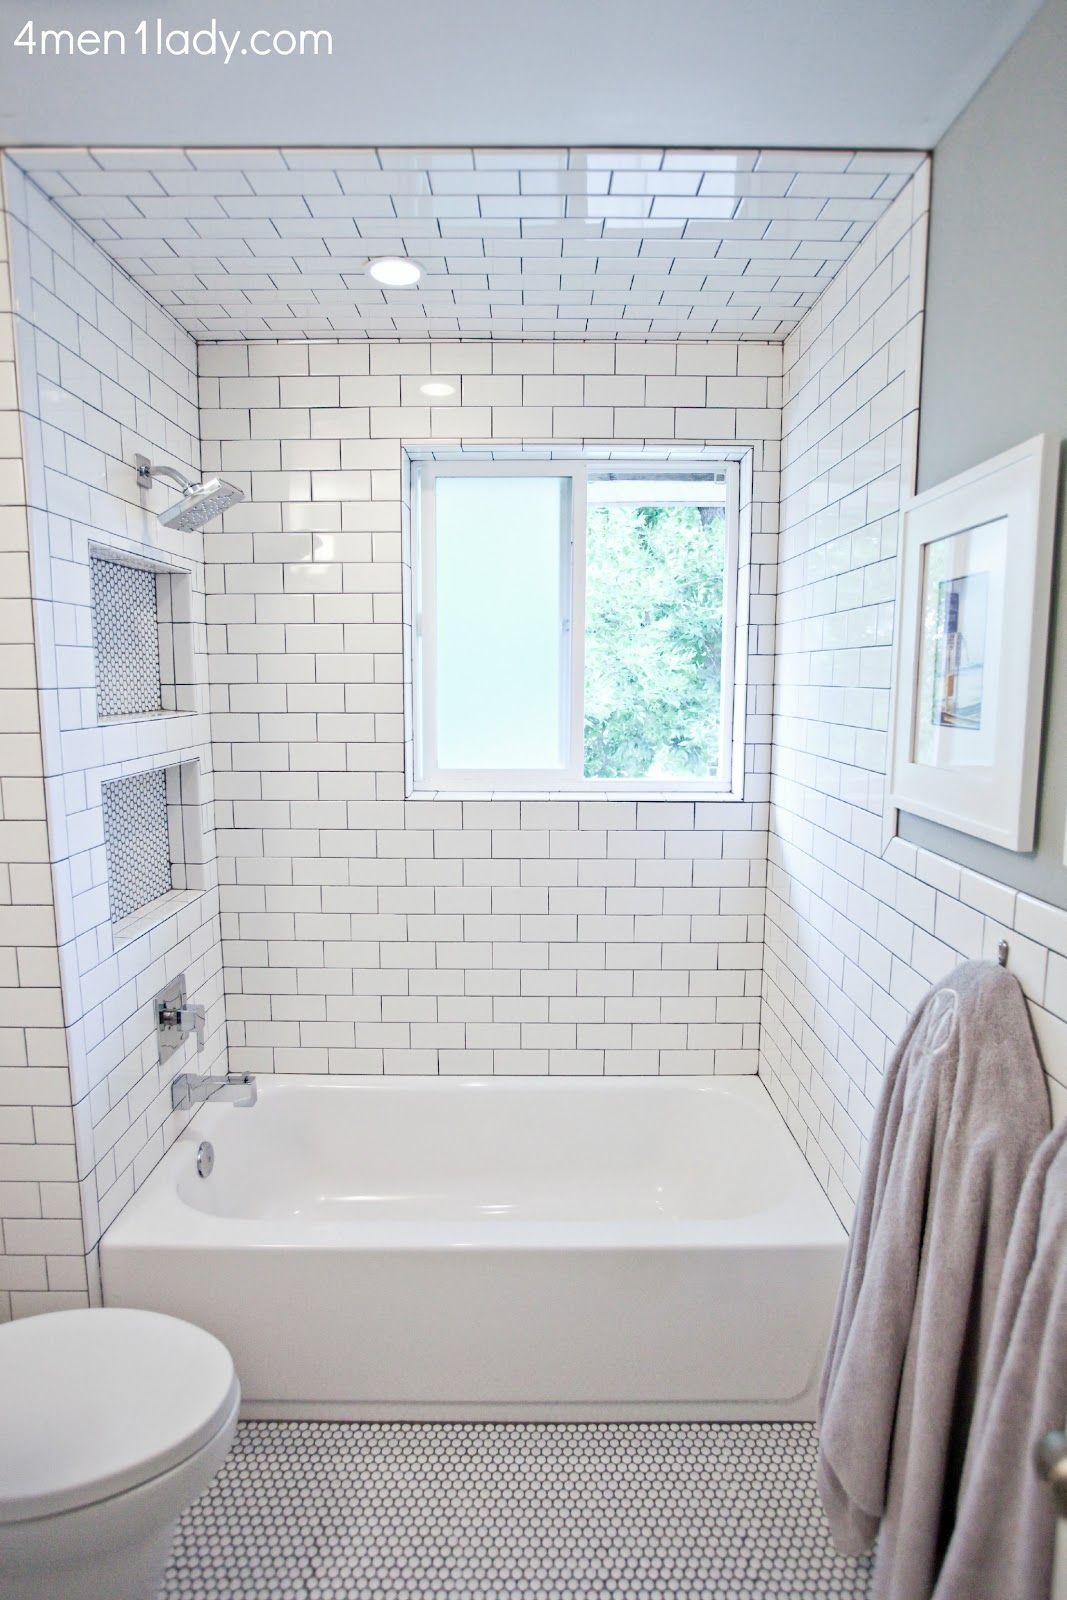 Niches in bathroom walls - Bathroom